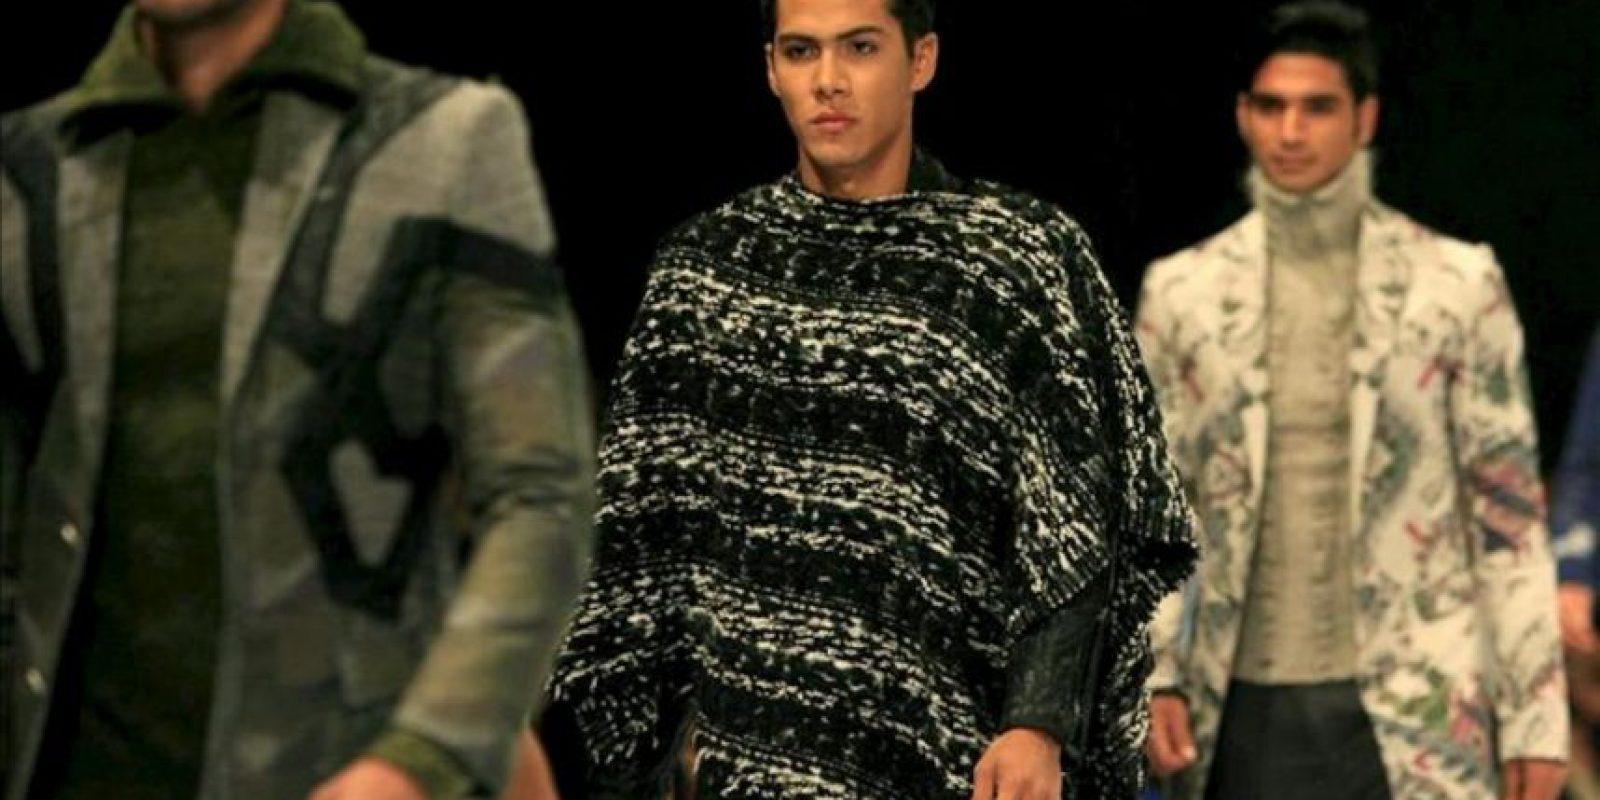 """Modelos lucen trajes de la colección """"La Bella y la Bestia"""" del diseñador español Custo Dalmau, durante la segunda jornada del VI Congreso Latinoamericano de Moda Cartagena Colombia, Ixel Moda. EFE"""